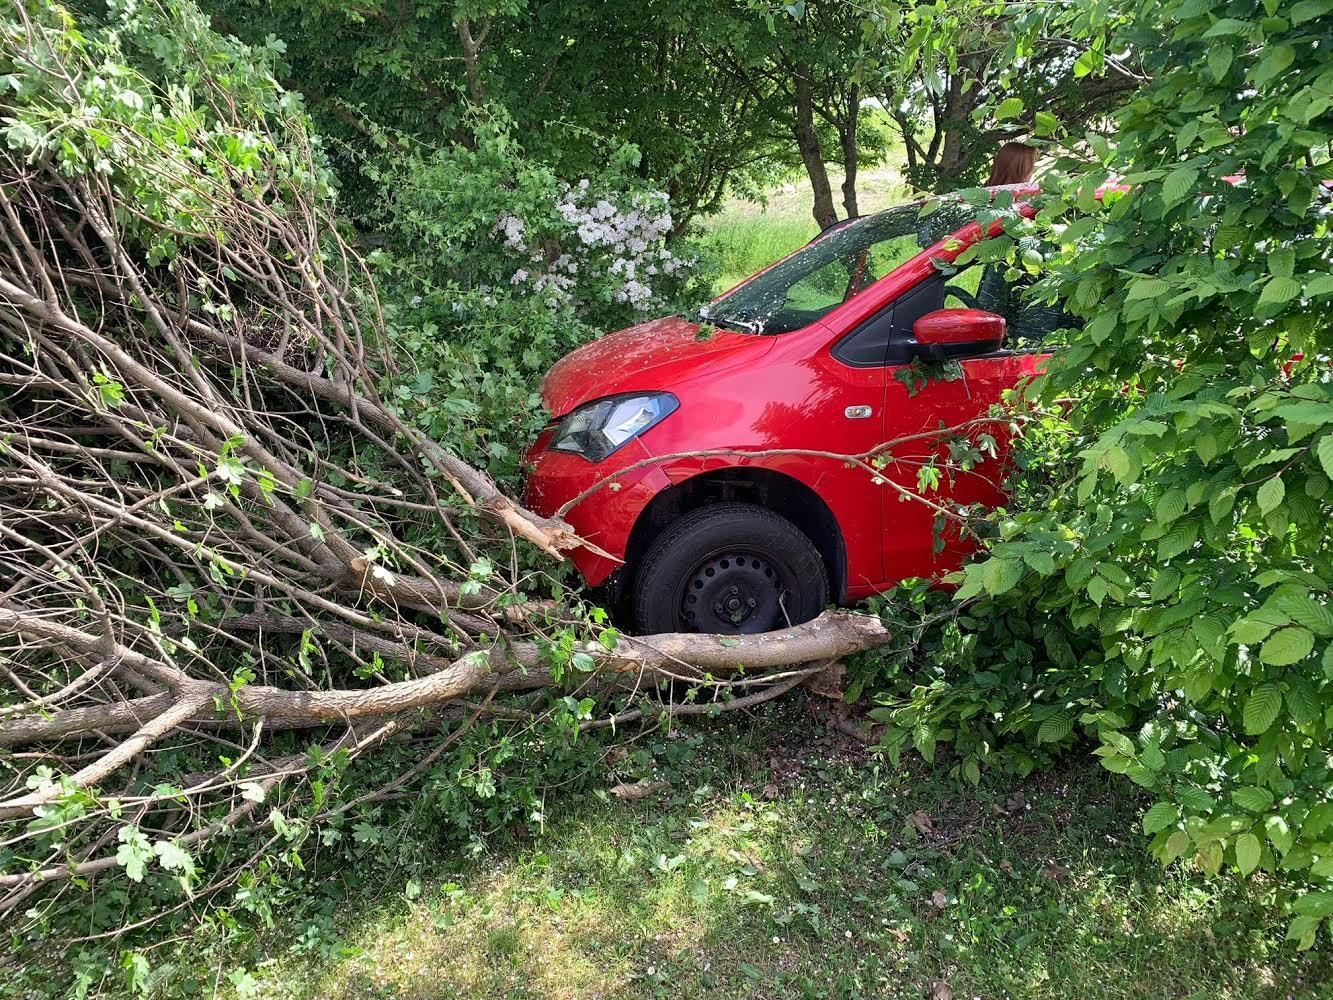 Færdselsuheld i Kregme - Bil ramte træ